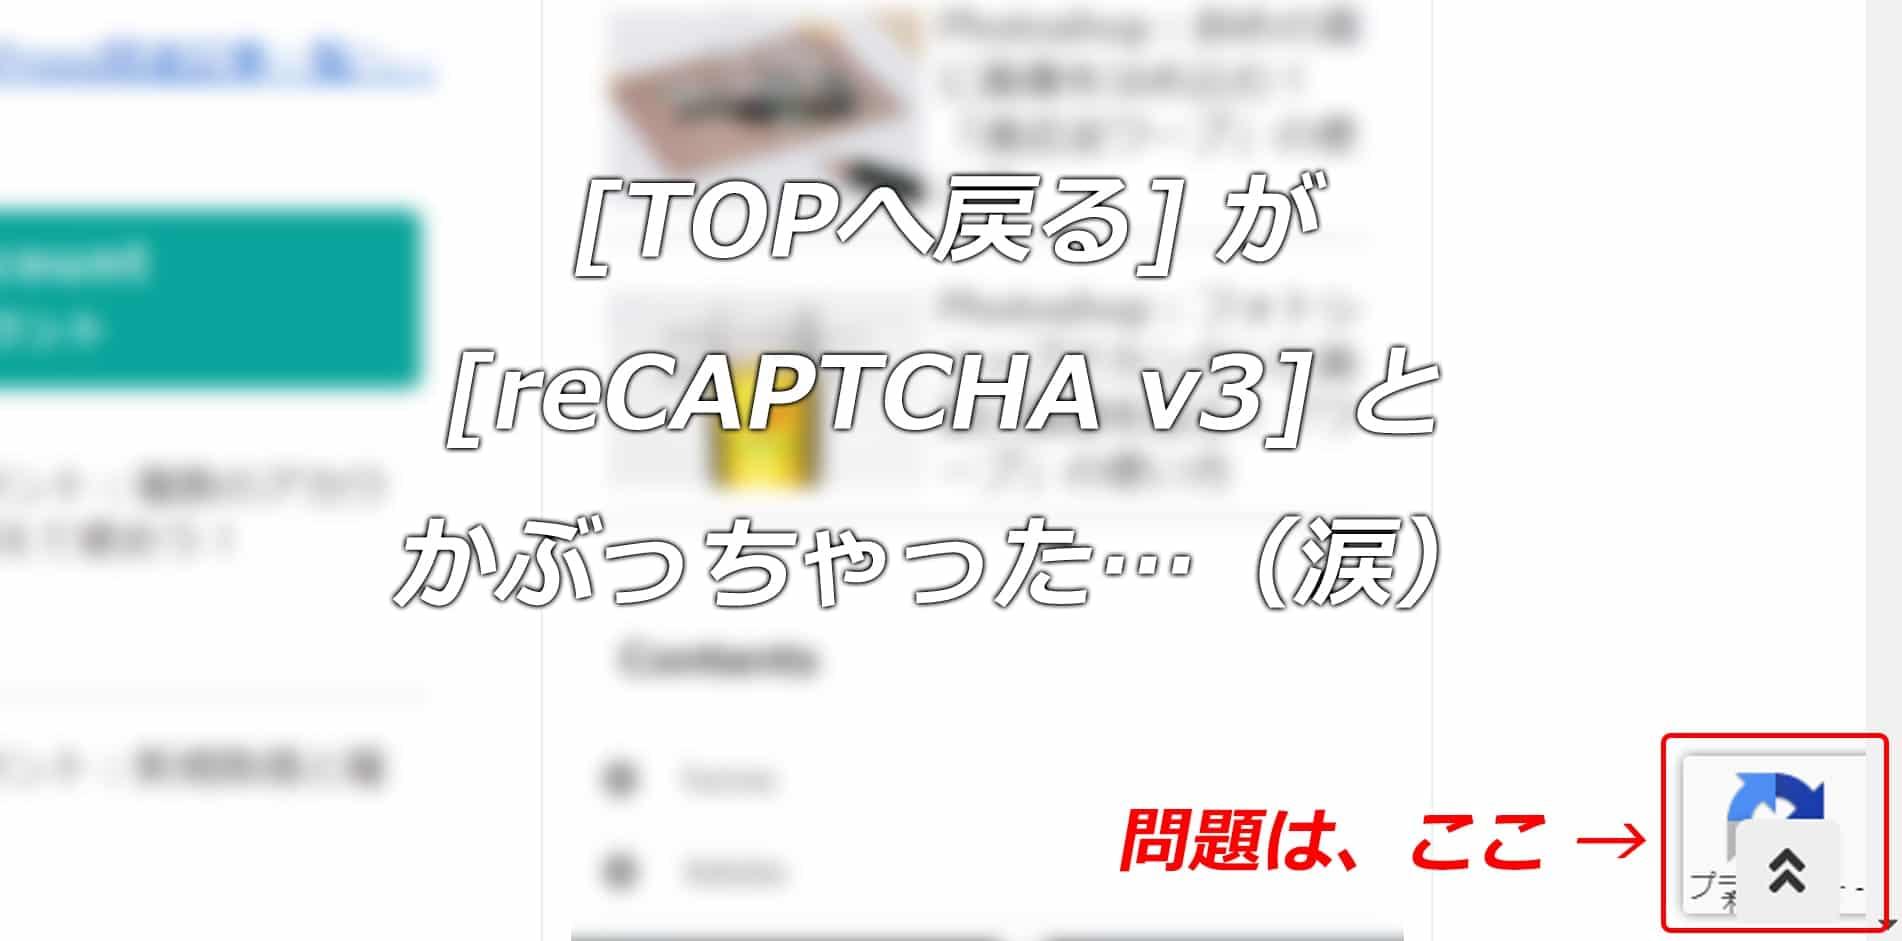 TOPへ戻るボタンがreCAPTCHA v3シールとかぶってしまったとき